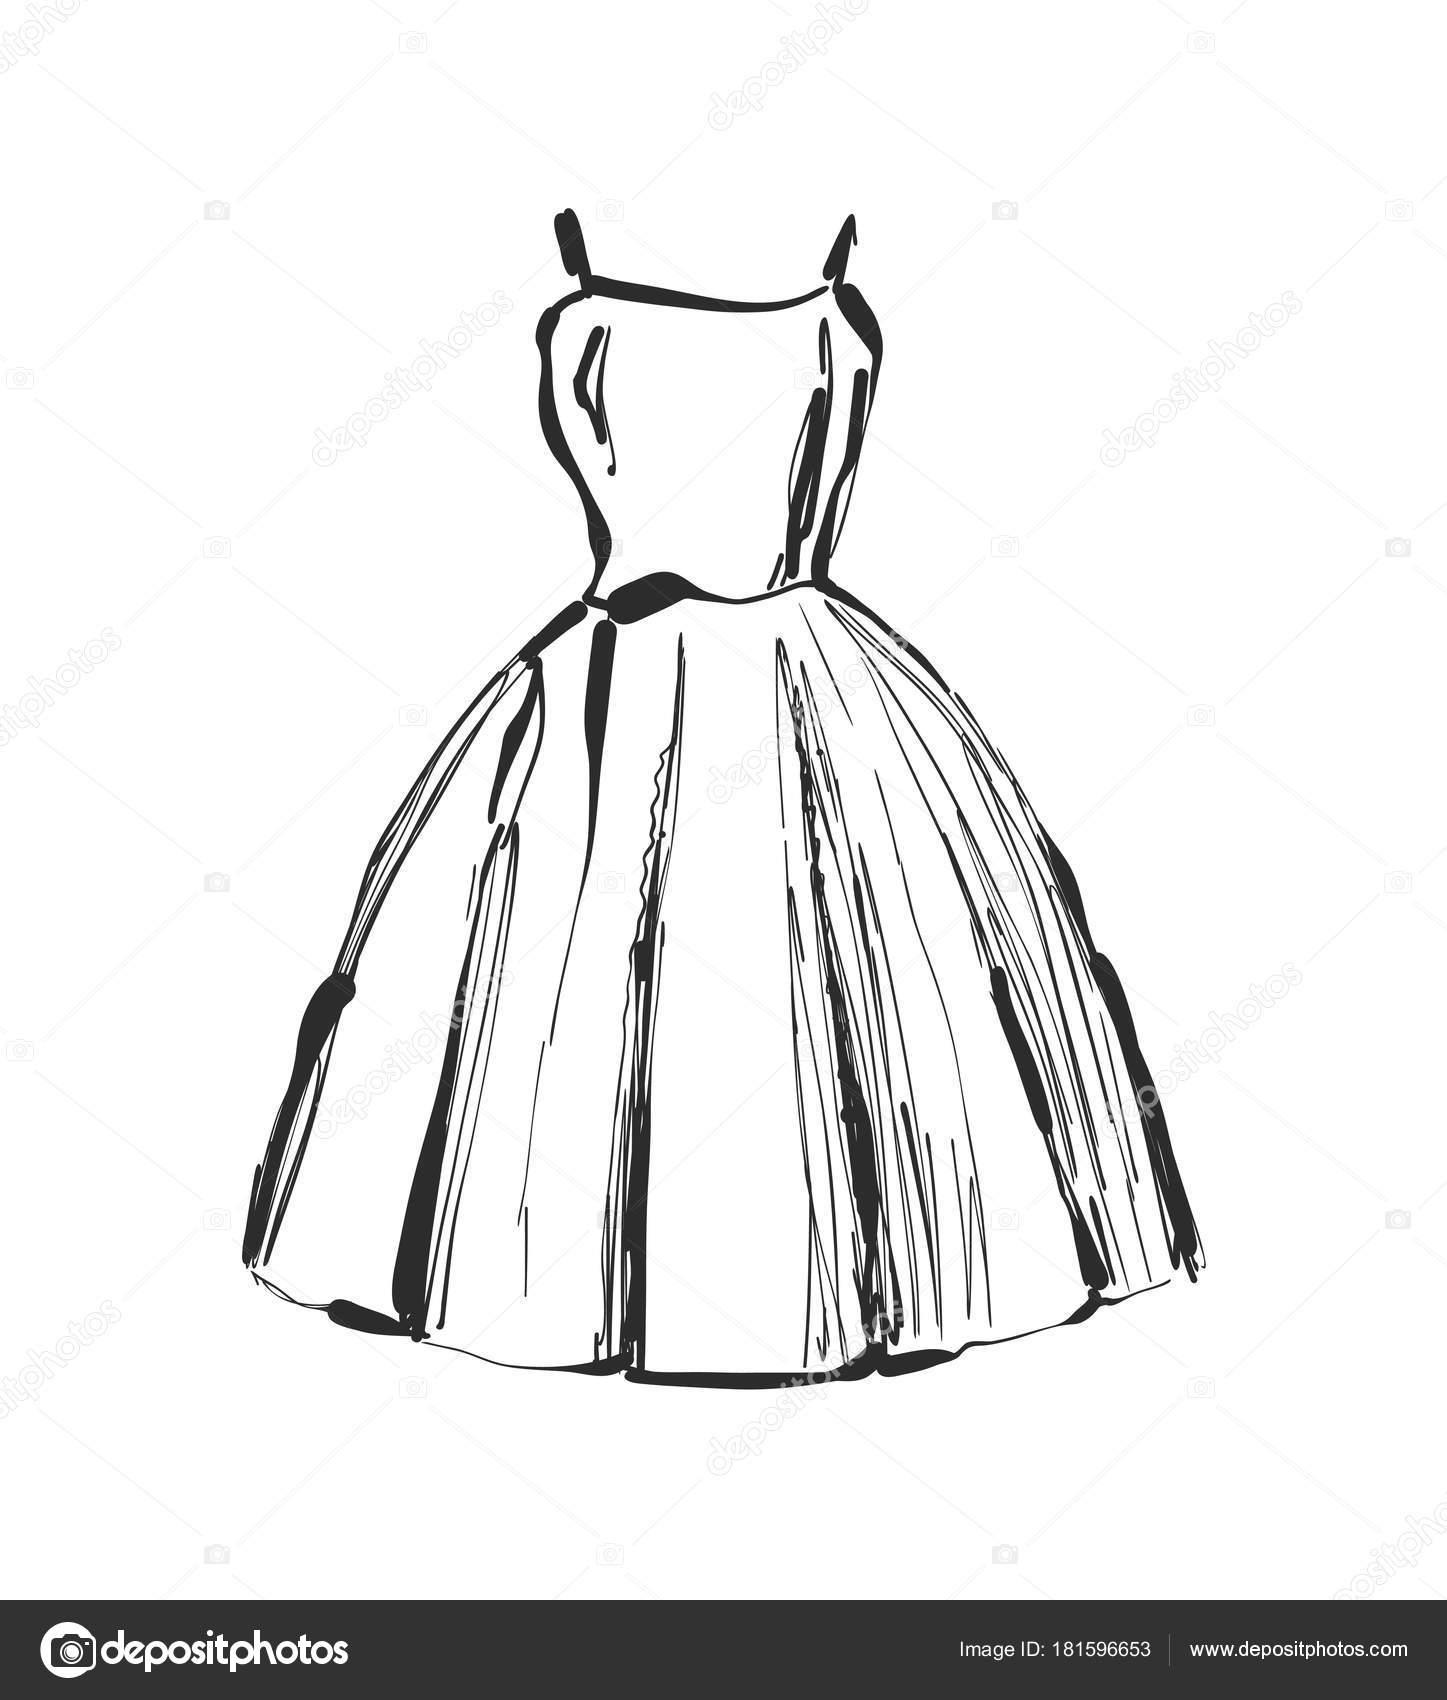 Kleidung Kleid handgezeichnete zeichnenSkizzieren Sie Vektor PkTiOXZu